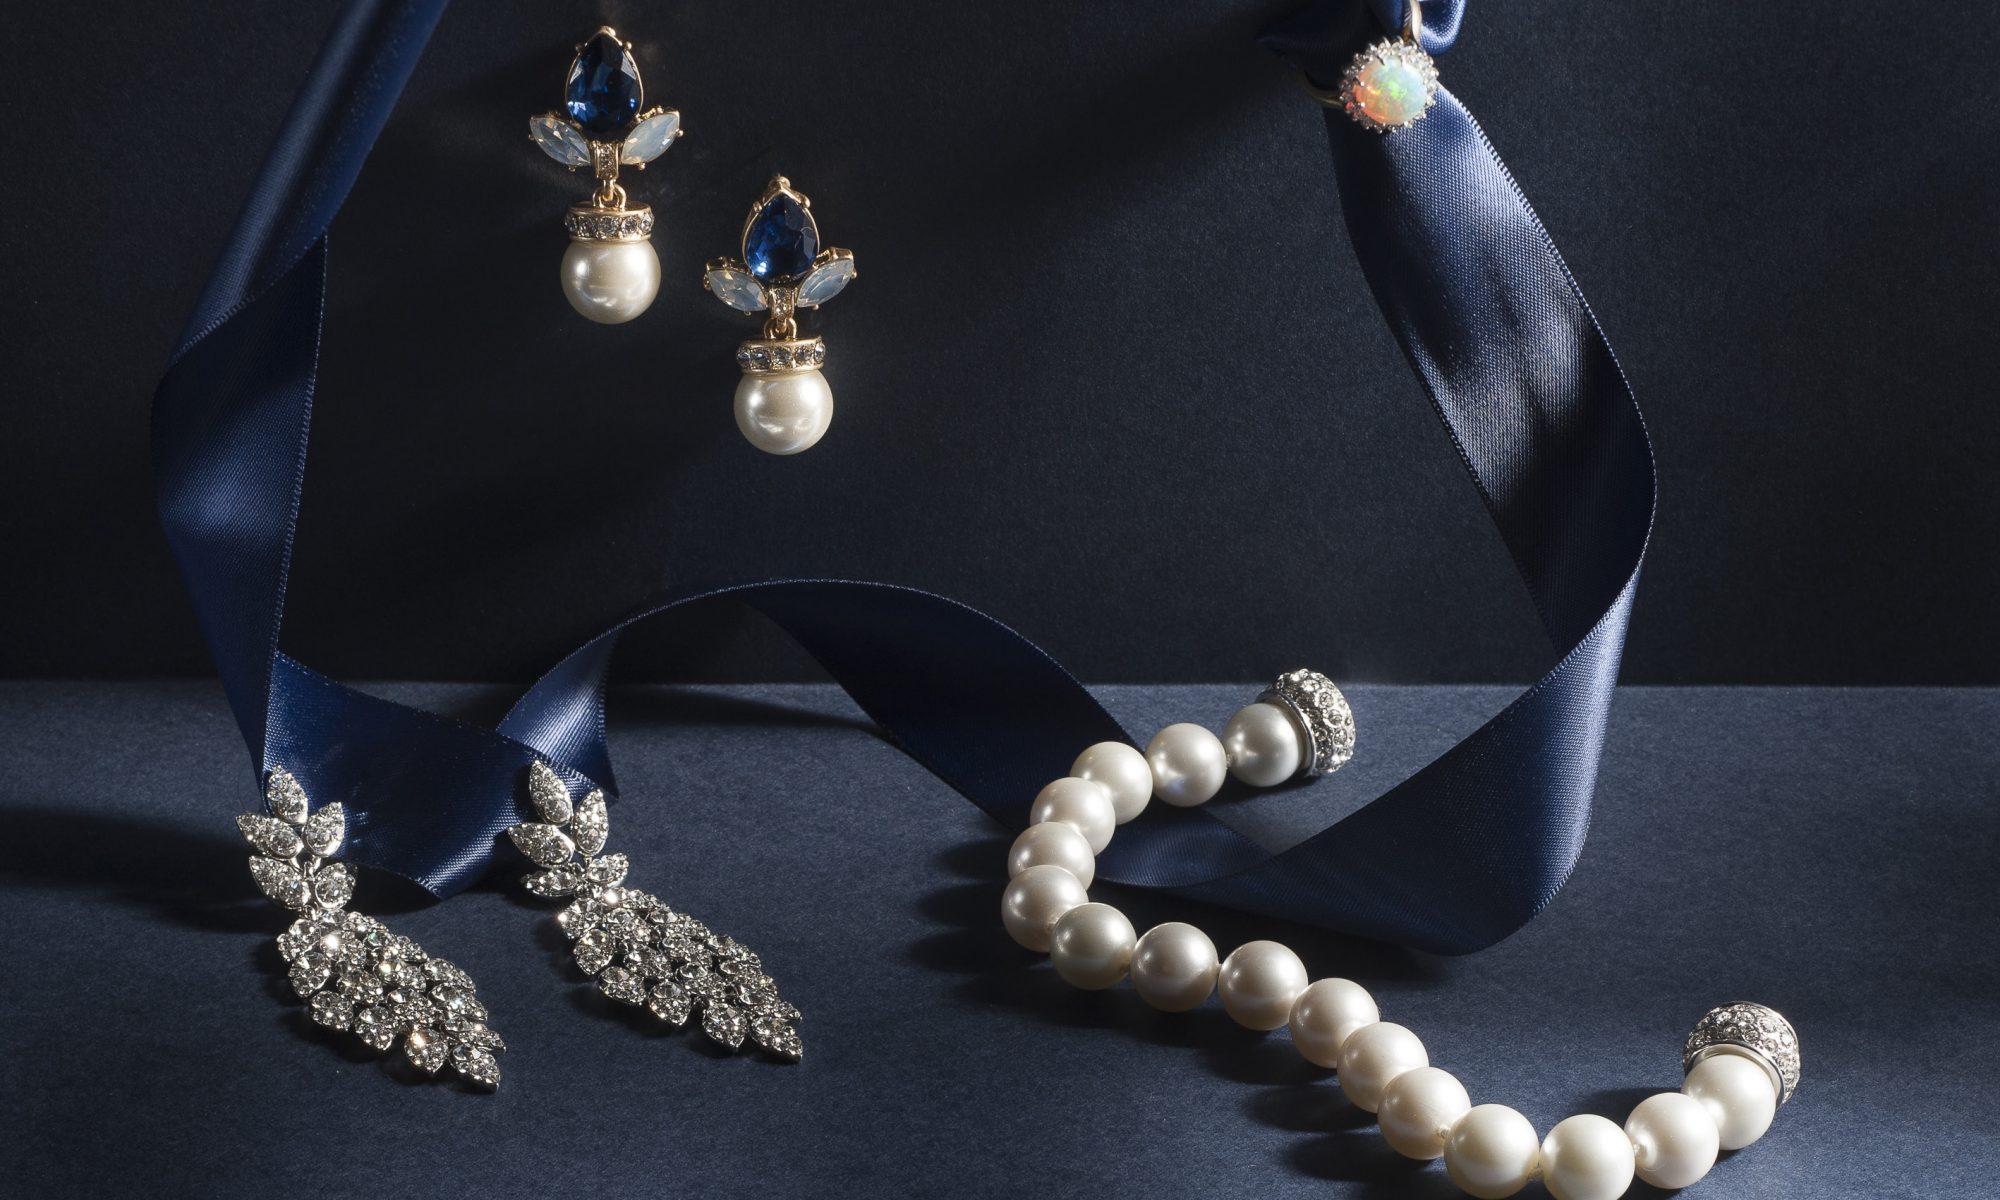 Opal Dia Ring, £2,195, G Cornell & Sons gcornell.co.uk; Chandelier Earrings, £39, Pearl Bracelet, £58, Melita Boutique, melitaboutique.co.uk; Pearl Drop Earrings, £13.50, Serendipity Fashions, serendipityfashions.co.uk